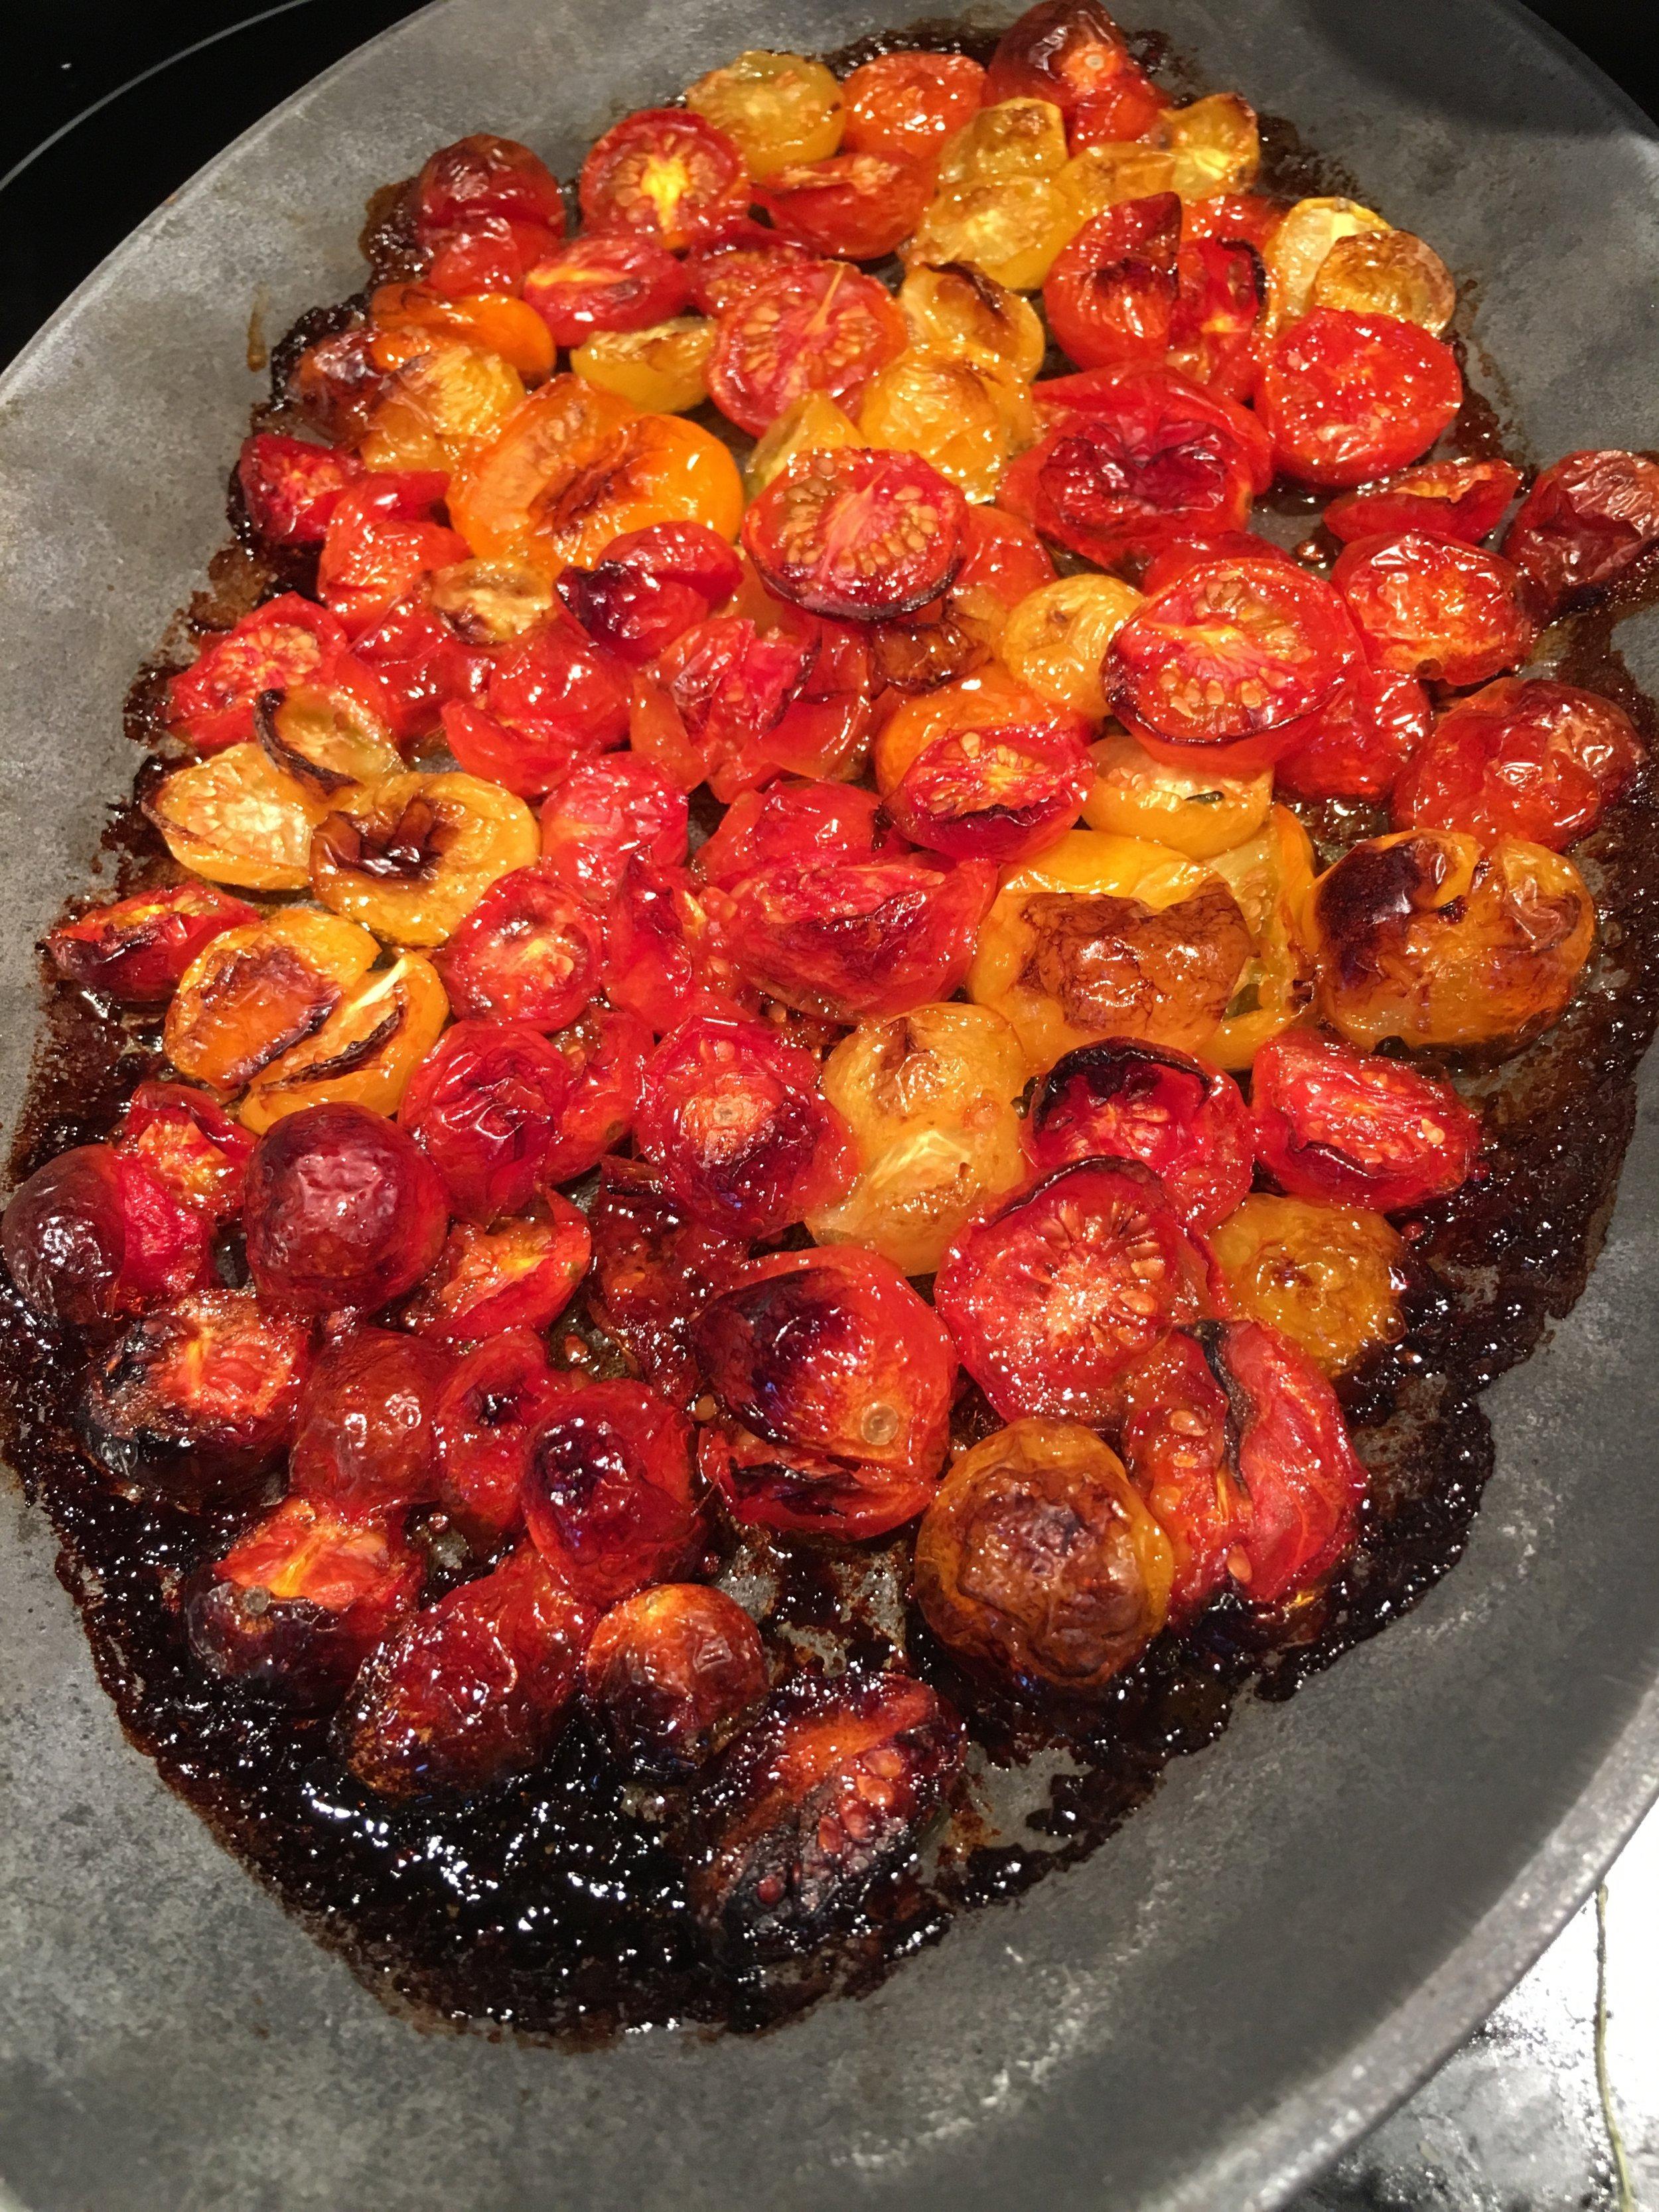 ©Roasted Tomatoes by Susan Reid